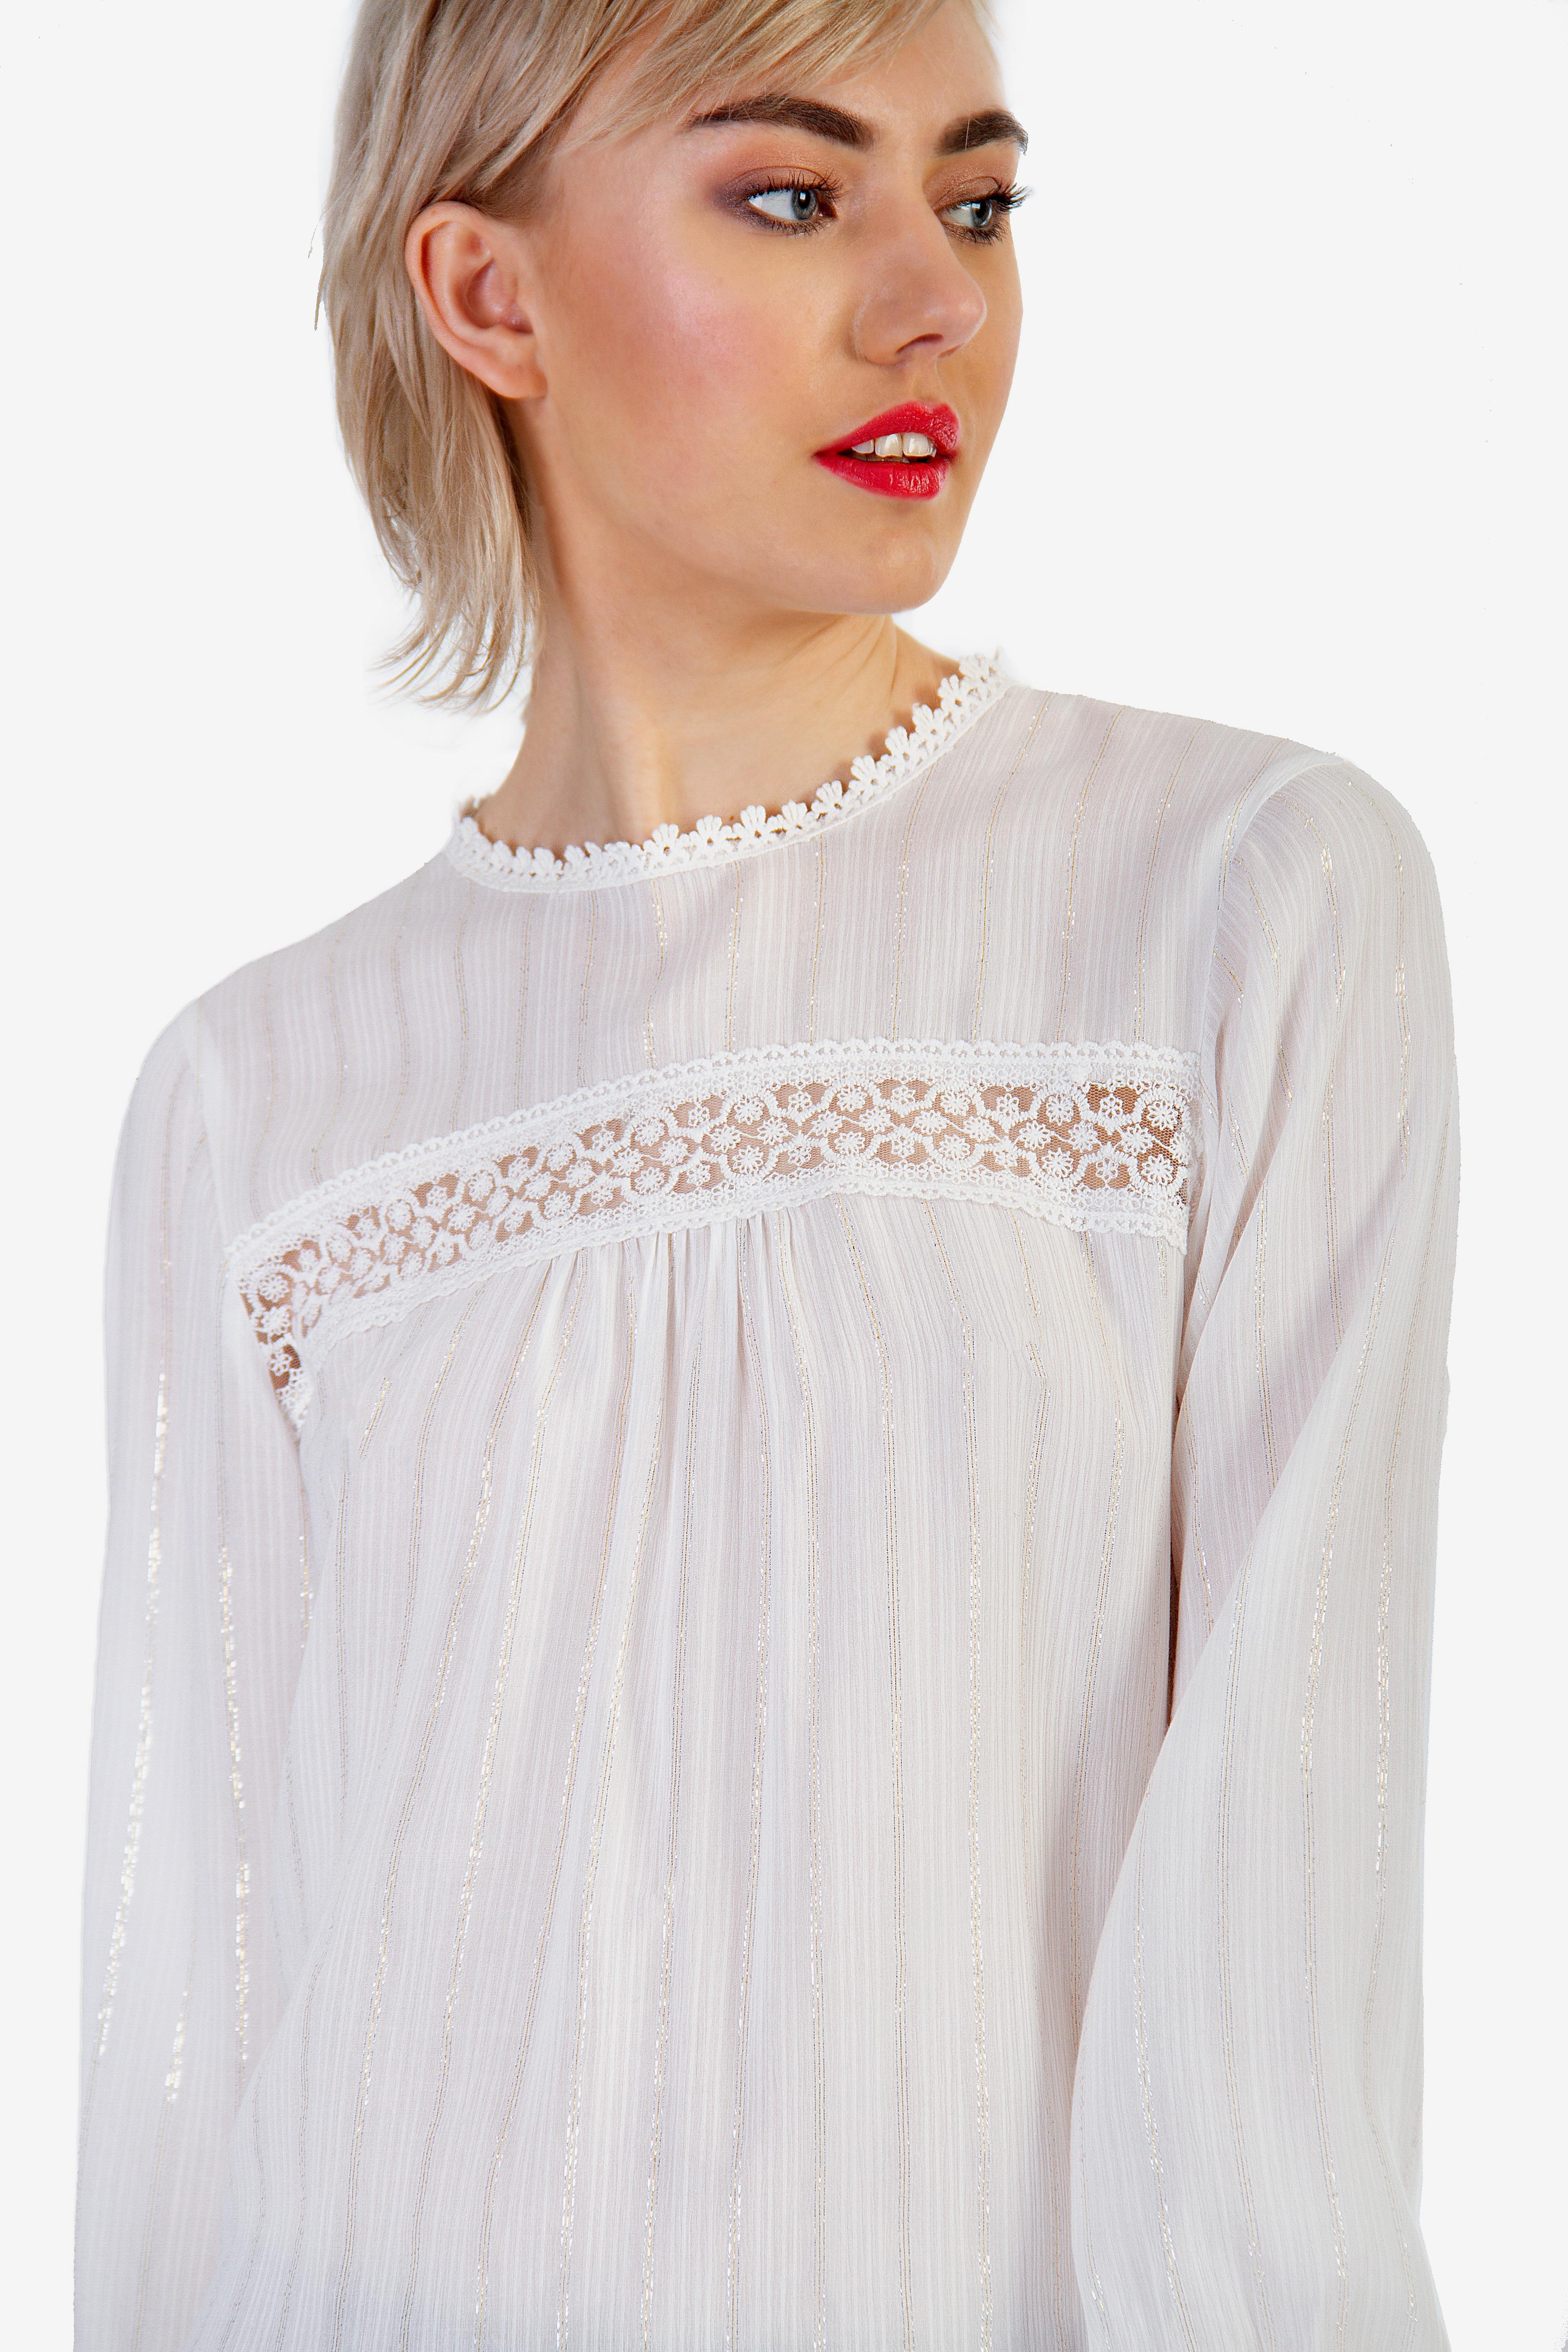 665cf32984a6 ΜΠΛΟΥΖΑ ΜΕ ΔΑΝΤΕΛΑ - Μπλούζες - Μπλούζες - E-Shop